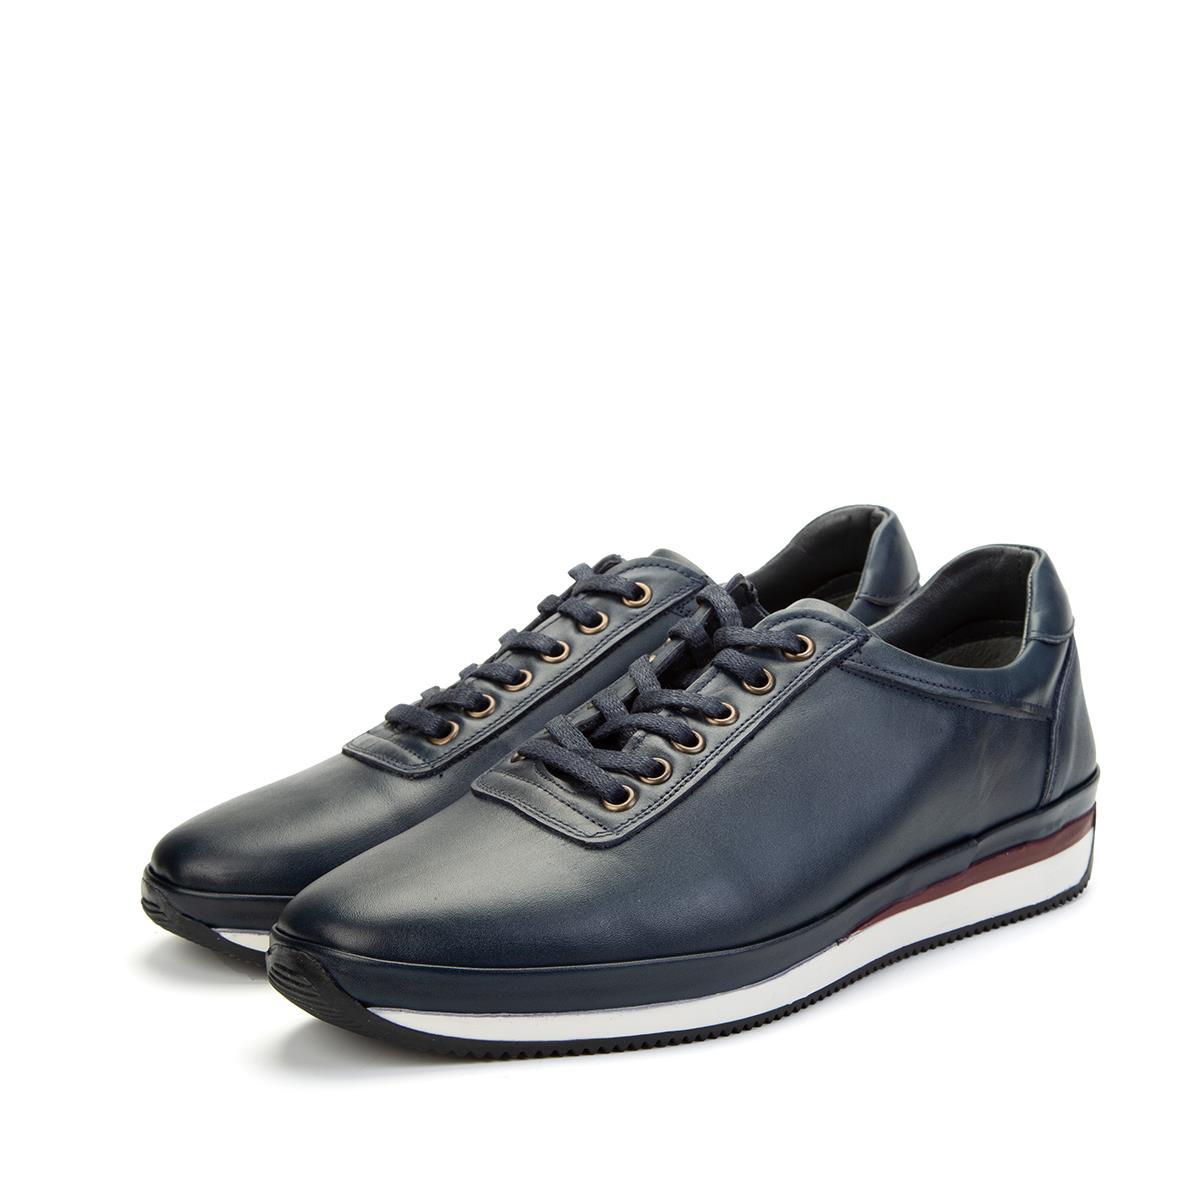 Мужская обувь Ducavelli из натуральной кожи, мужская повседневная обувь, мужская обувь из кожи, коричневая кожаная обувь, кожаная обувь